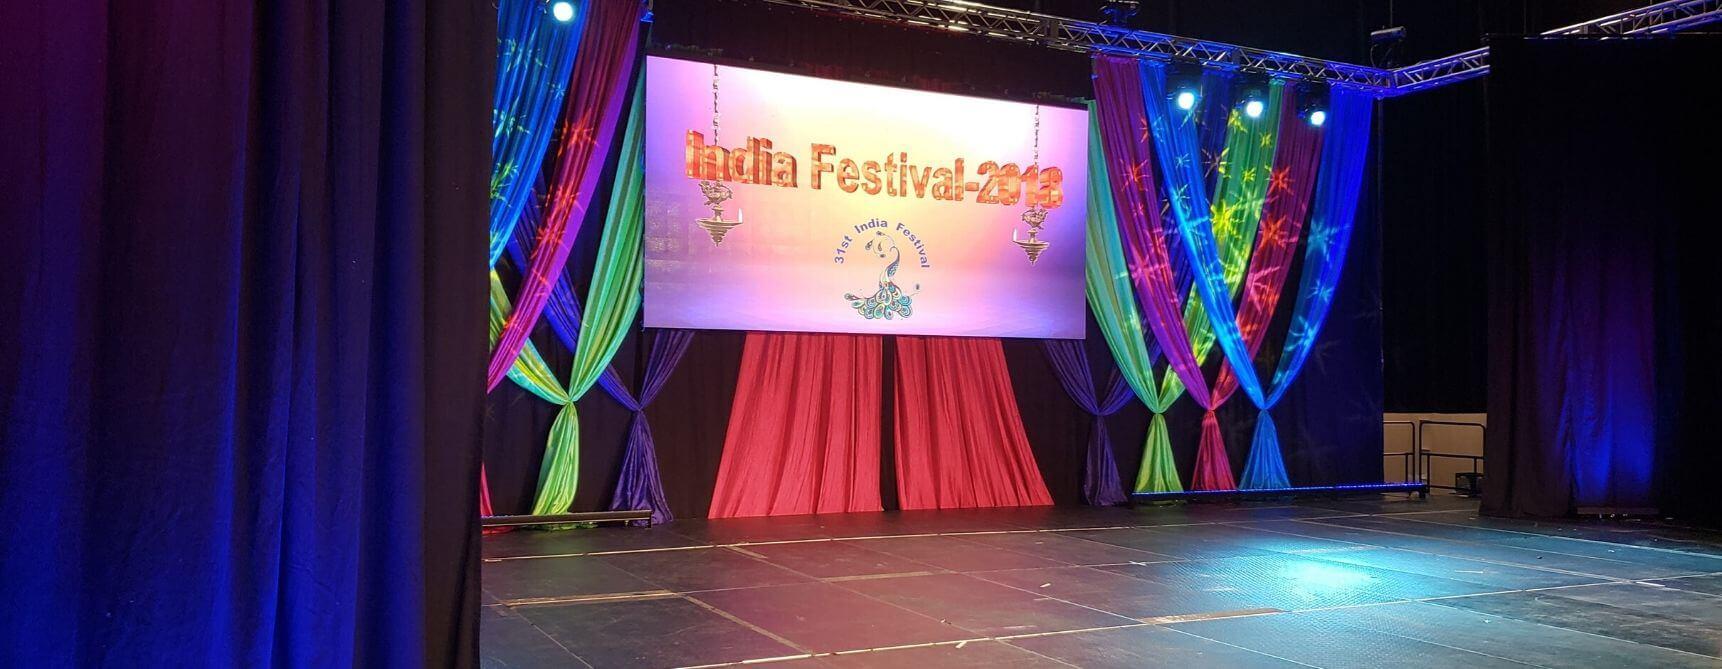 1 India Fest Event